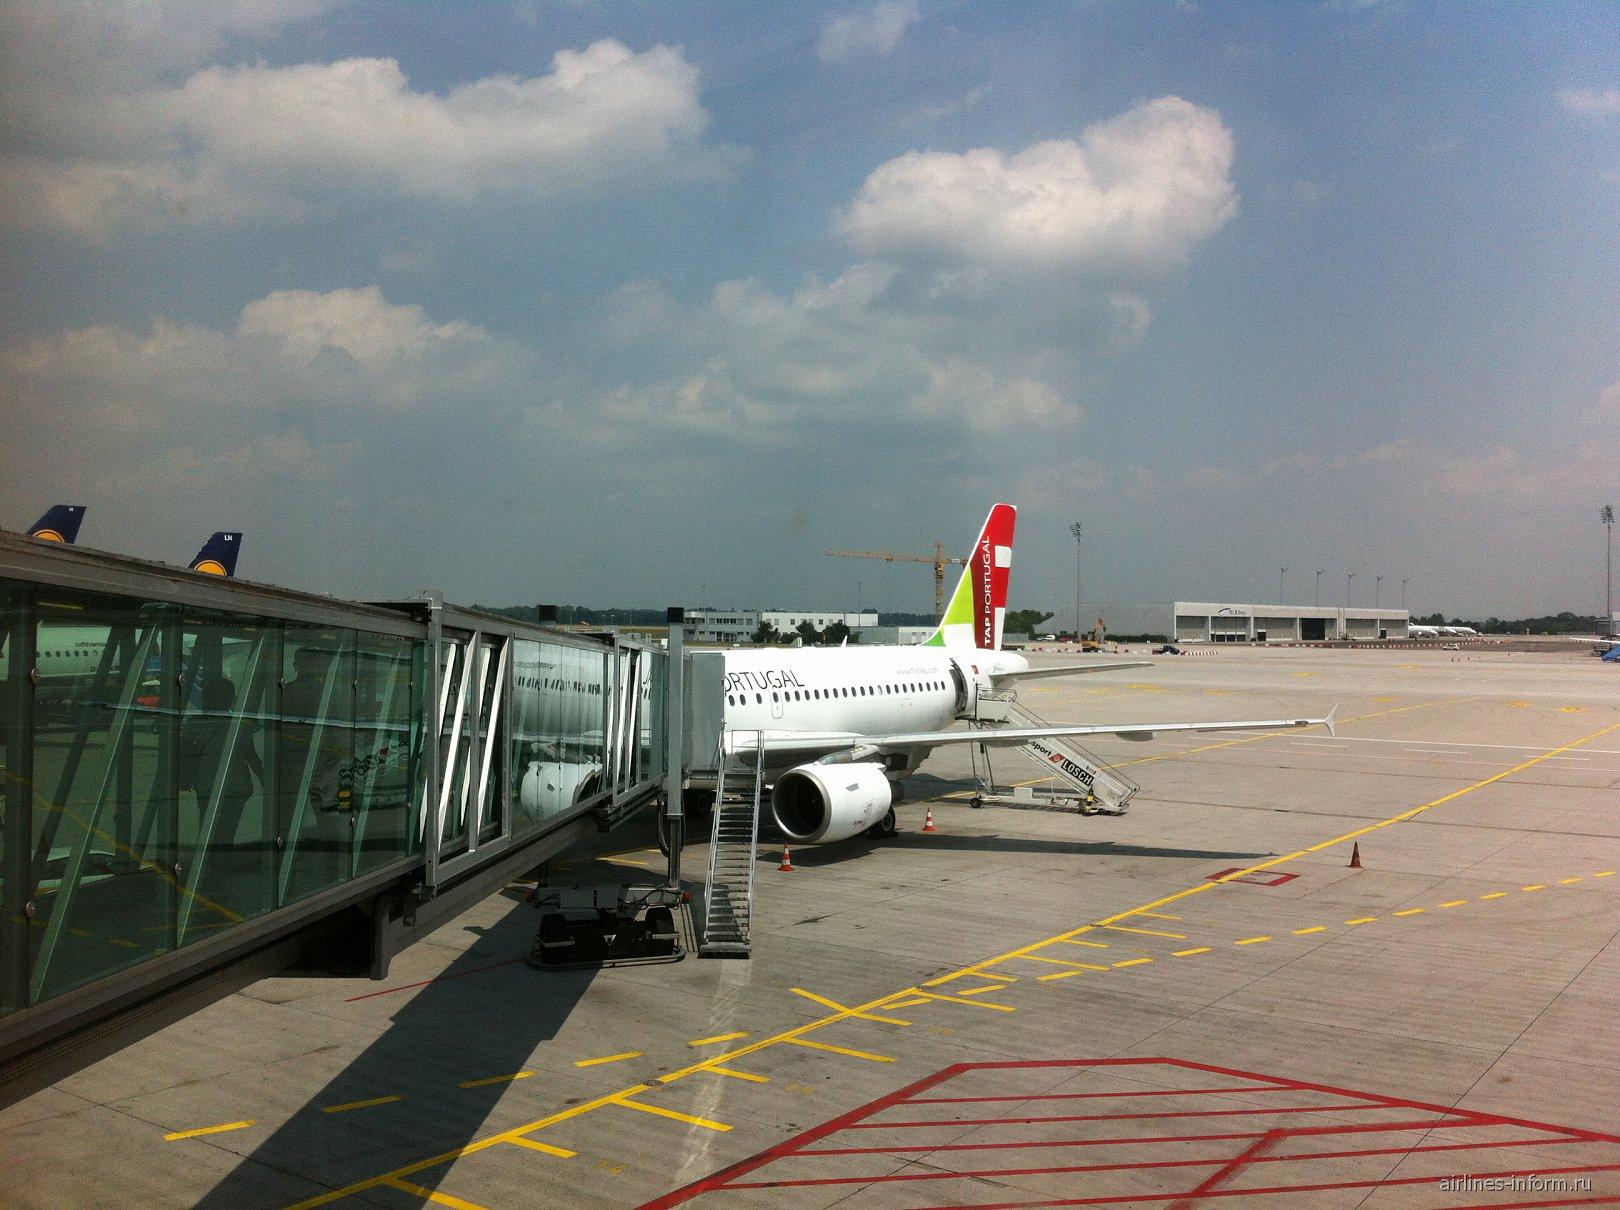 Из Москвы в Лиссабон и обратно со Star Alliance. Часть вторая: Мюнхен-Лиссабон с TAP Portugal